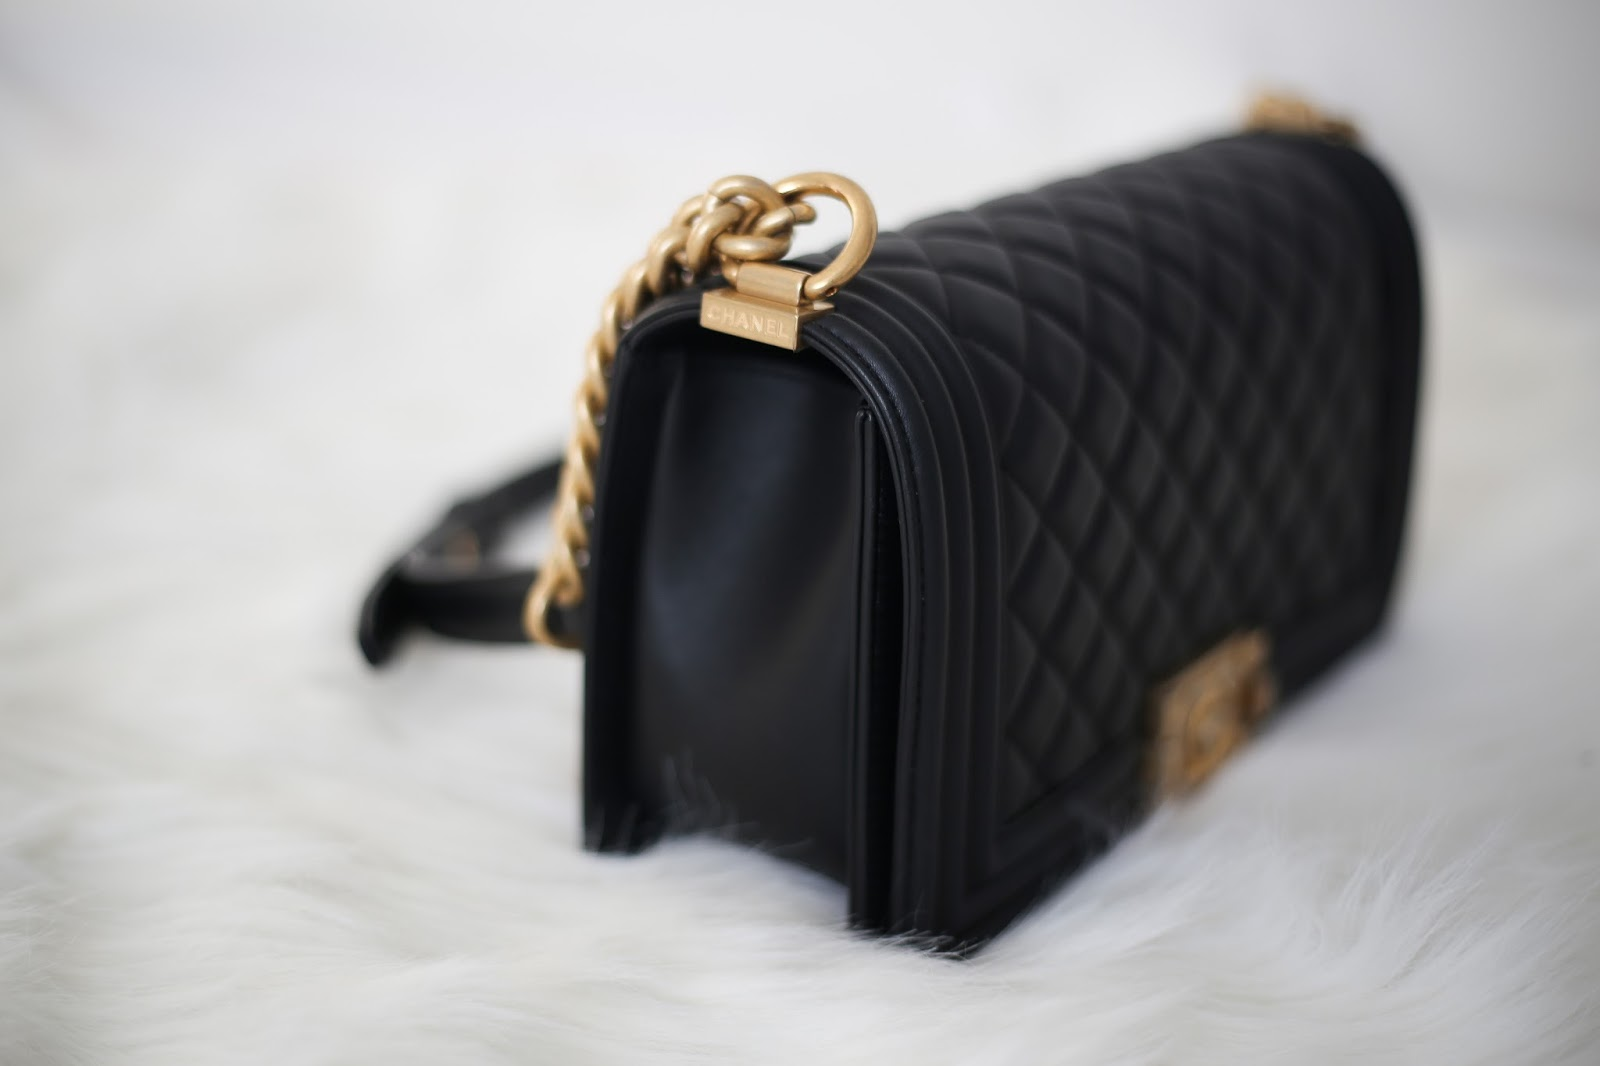 18f43f144af4 Chanel Le Boy Old Medium Bag Review